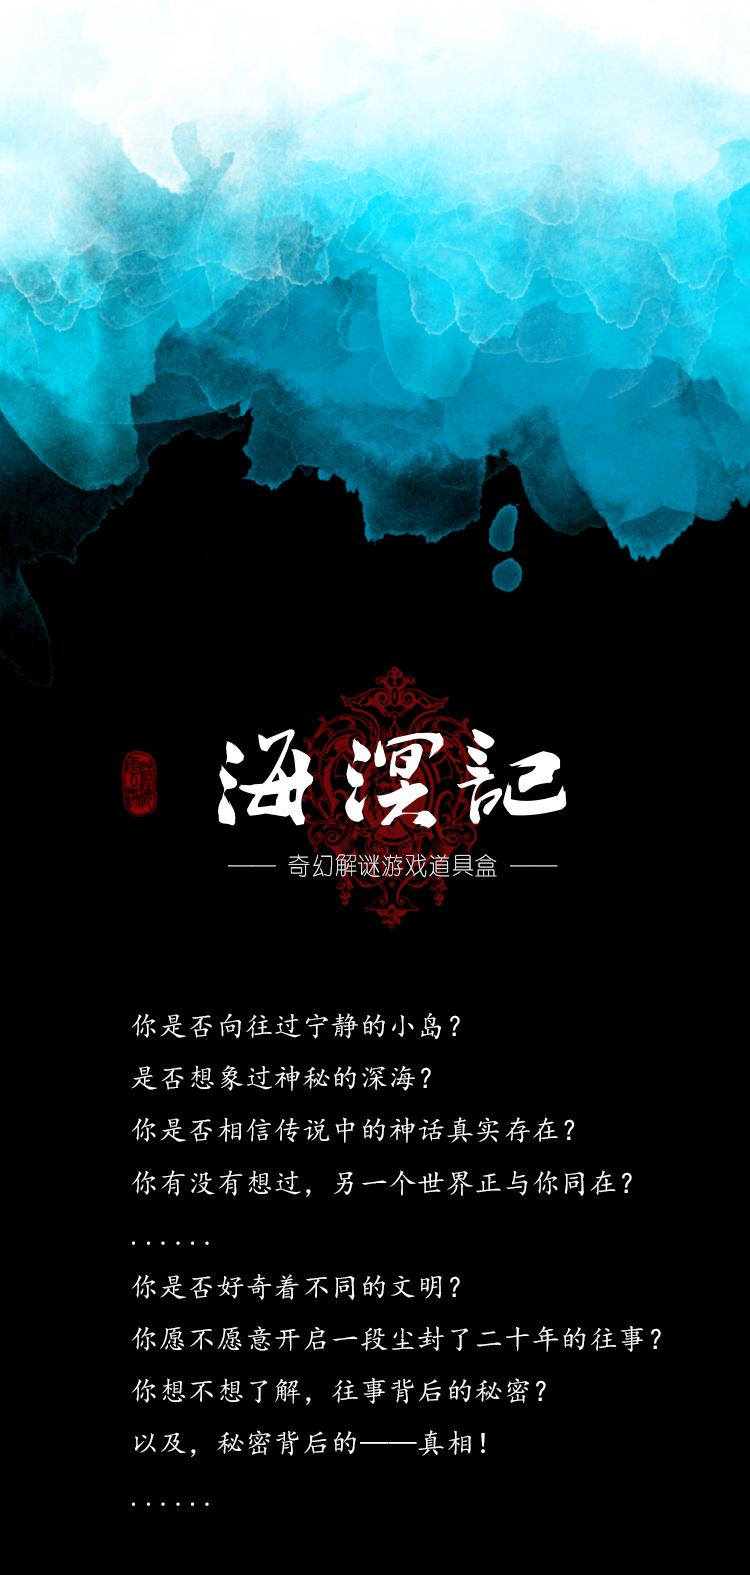 加长精修版_01.jpg